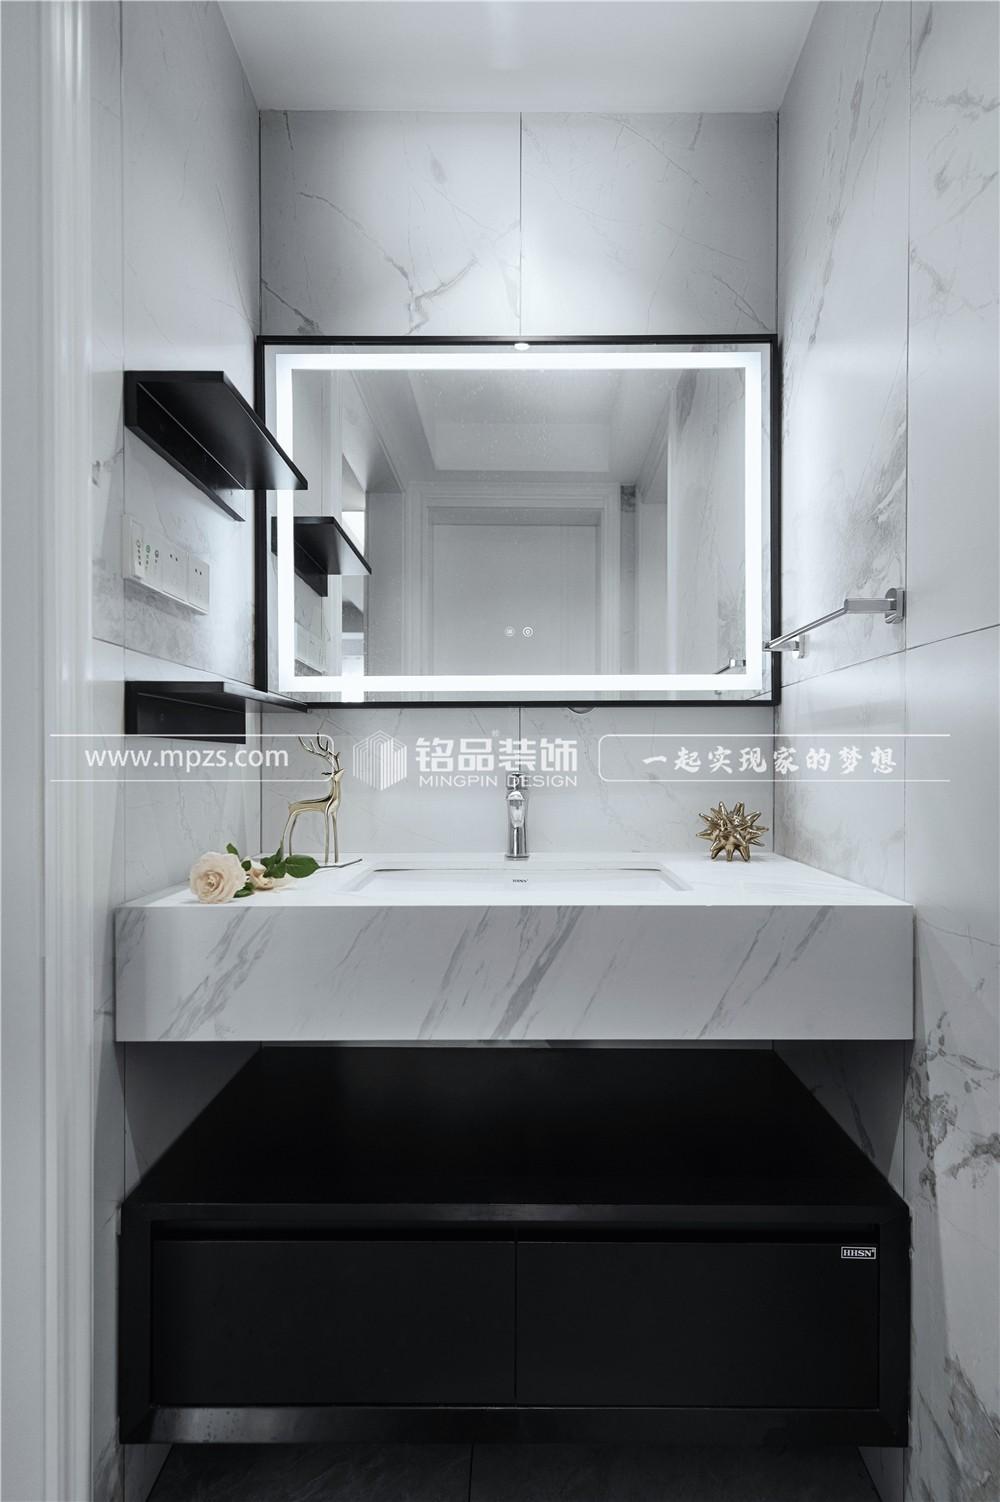 杭州127平方米现代风格精装修案例_效果图